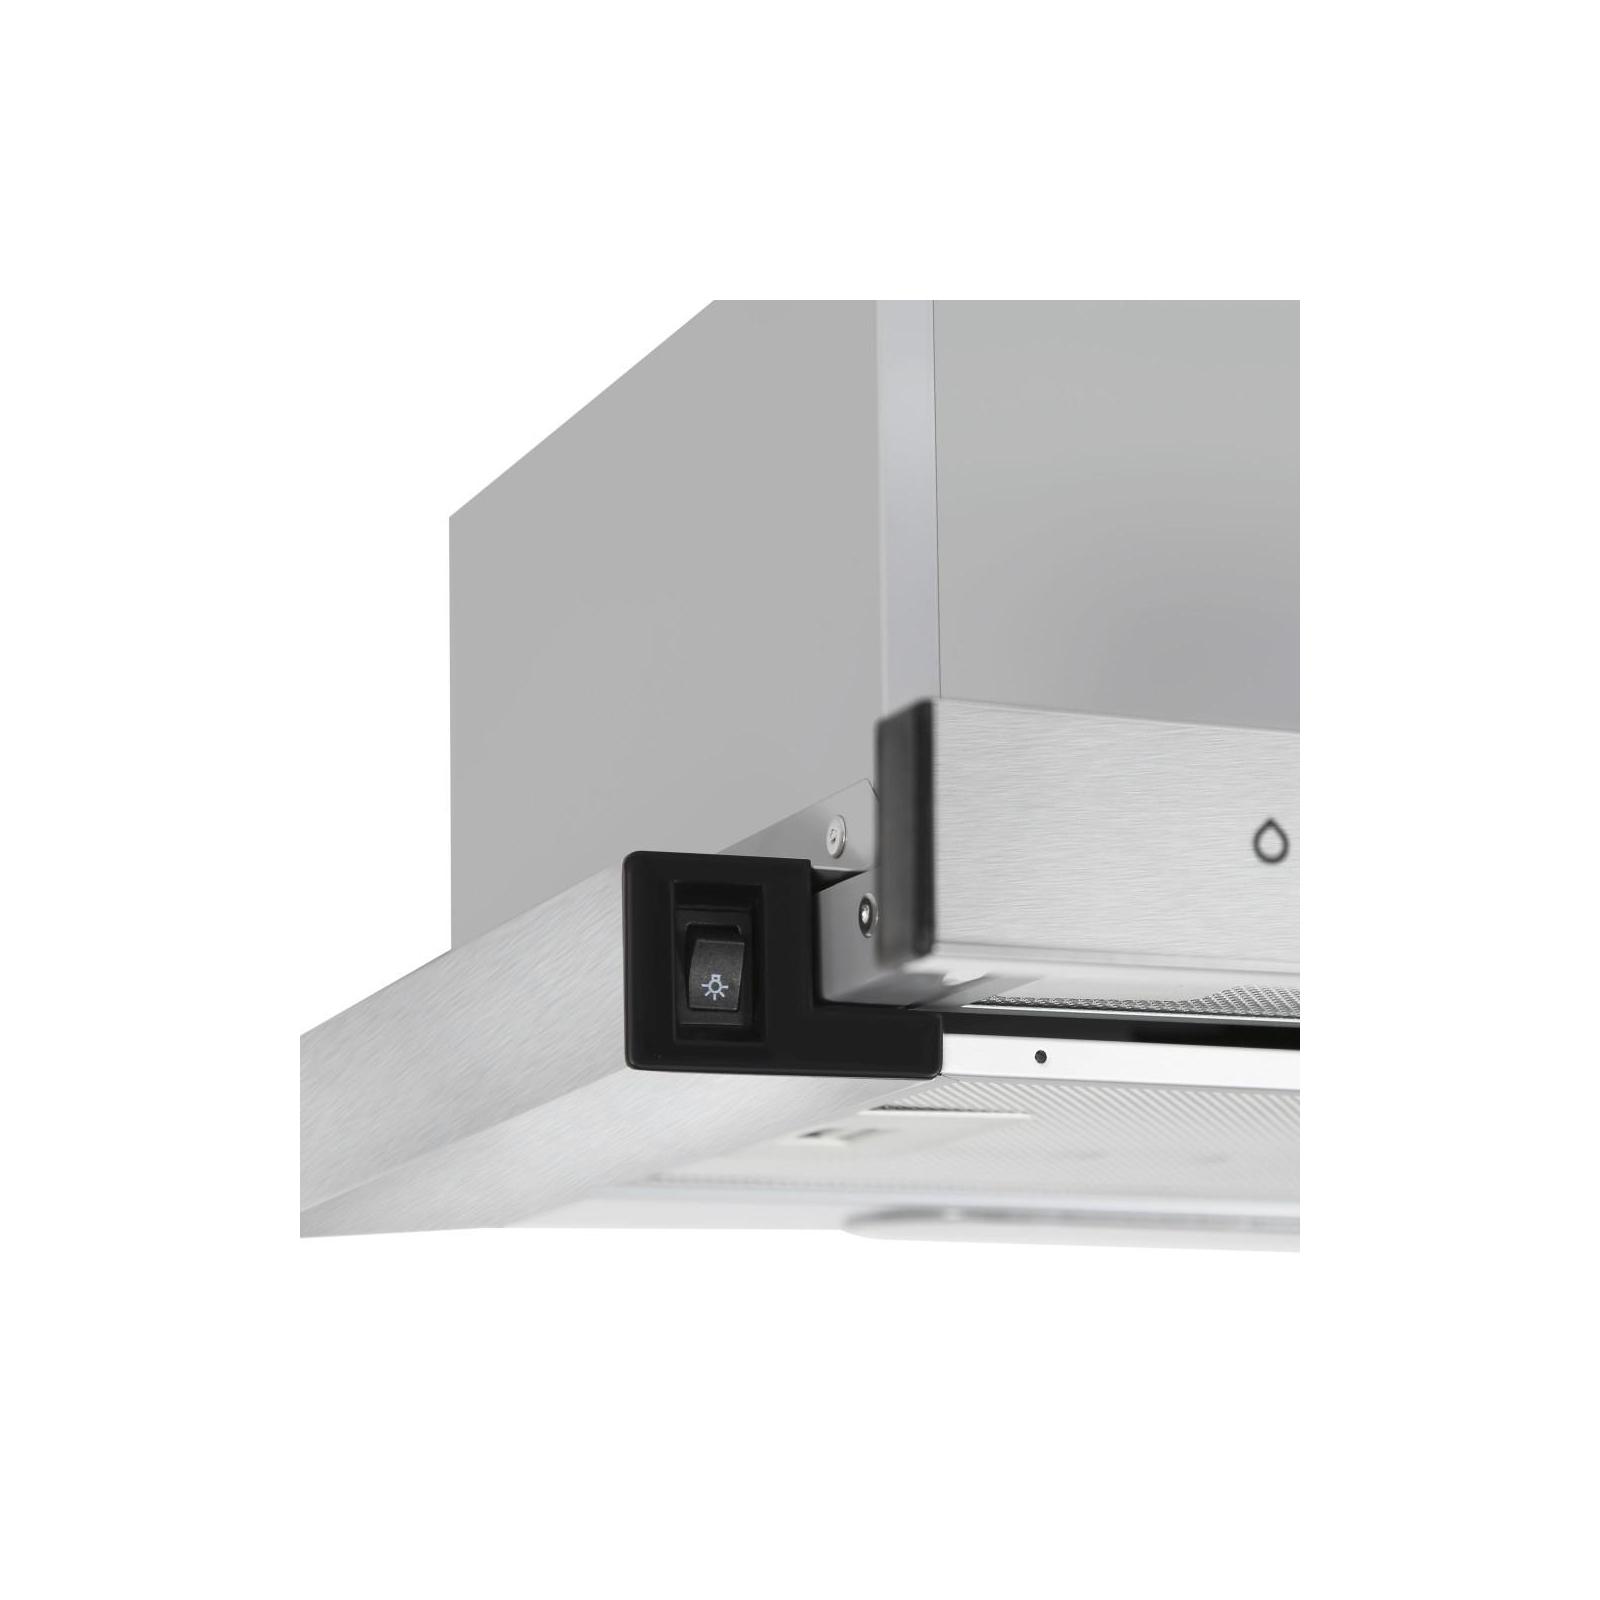 Вытяжка кухонная MINOLA HTL 6010 FULL INOX 430 изображение 5